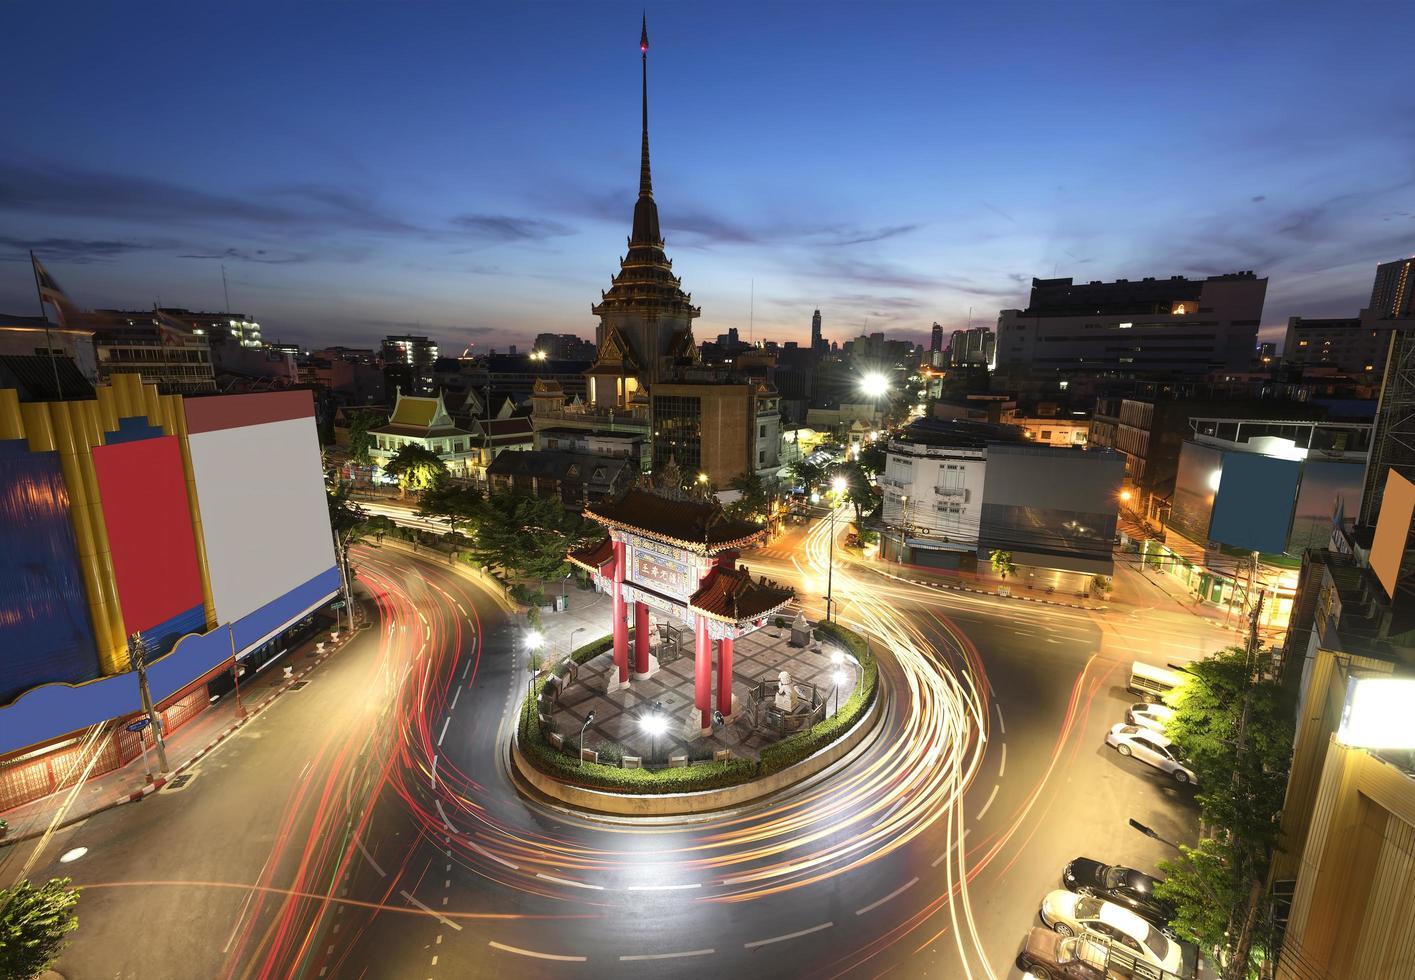 l'arche et le temple de la passerelle, thaïlande, longue exposition photo